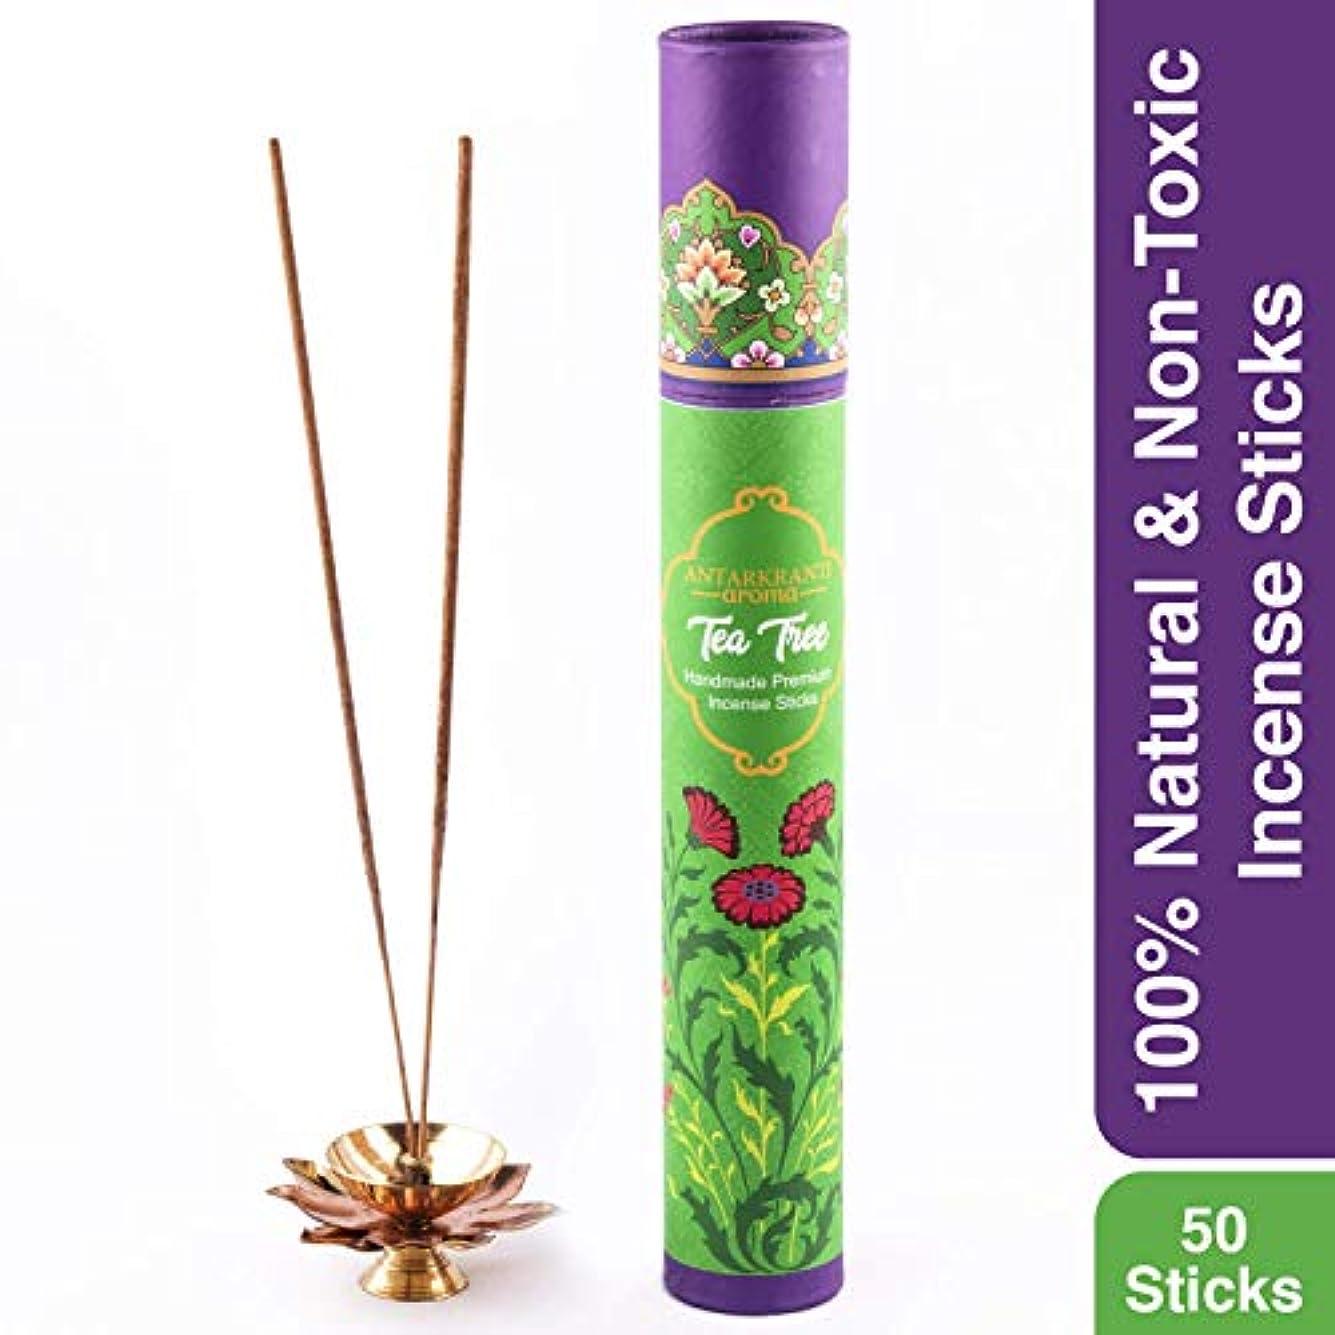 排他的兄章Antarkranti Tradition Tea Tree Incense Stick Agarbatti